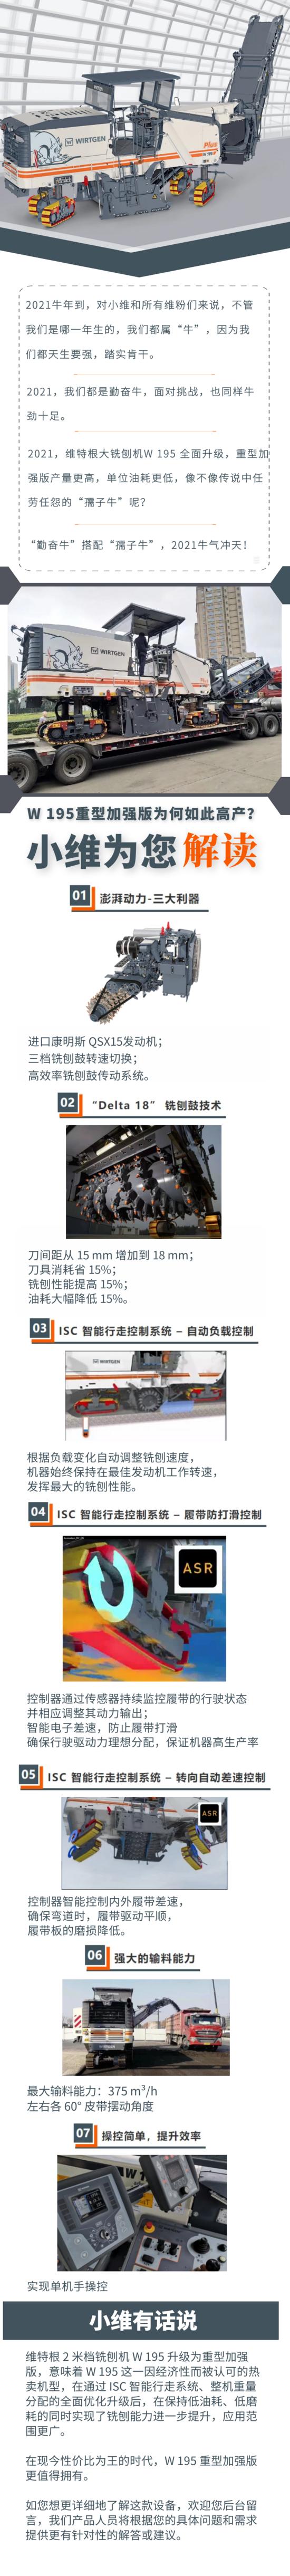 技術控 | W 195重型加強版高產量解密